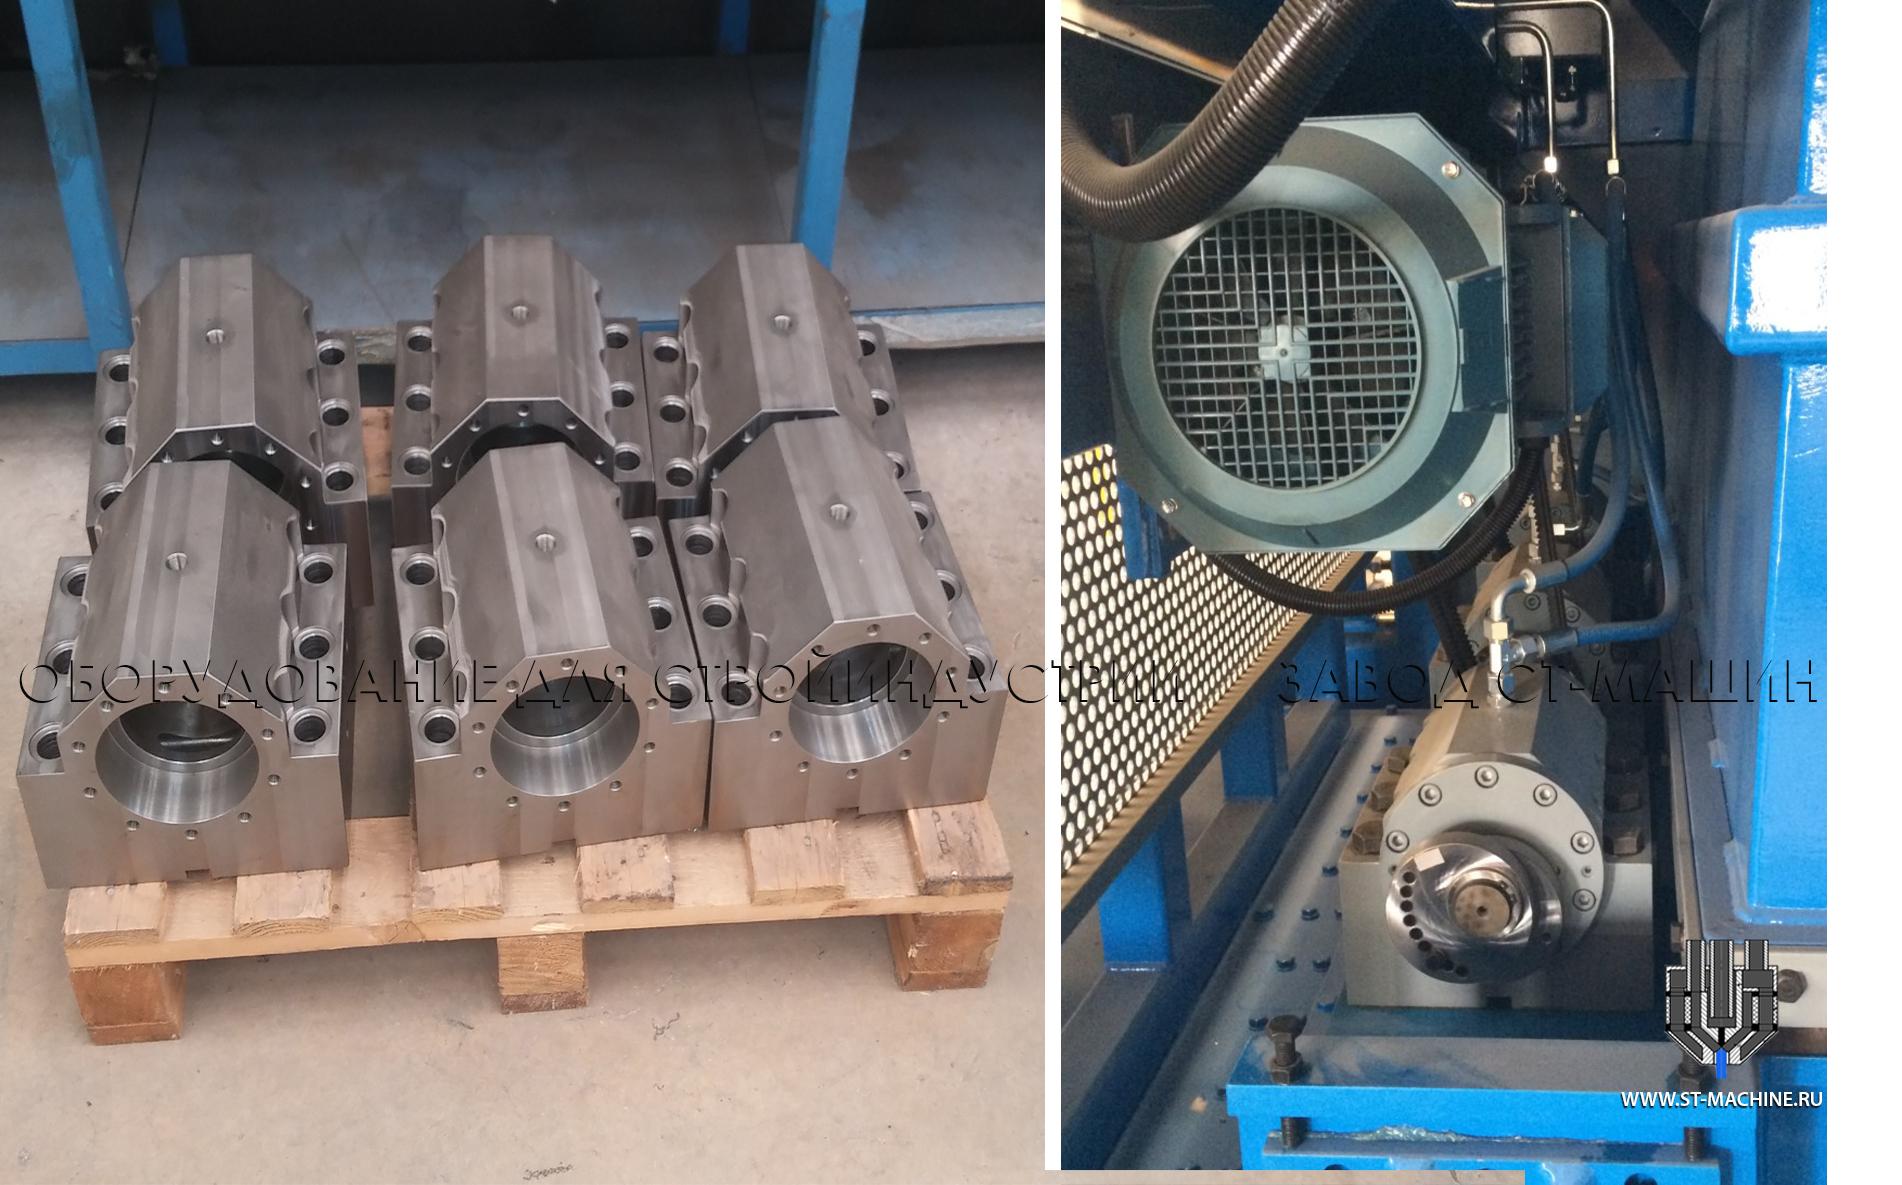 ст-машин-разработка-производство-установка-высокочастотные-вибраторы-st.jpg